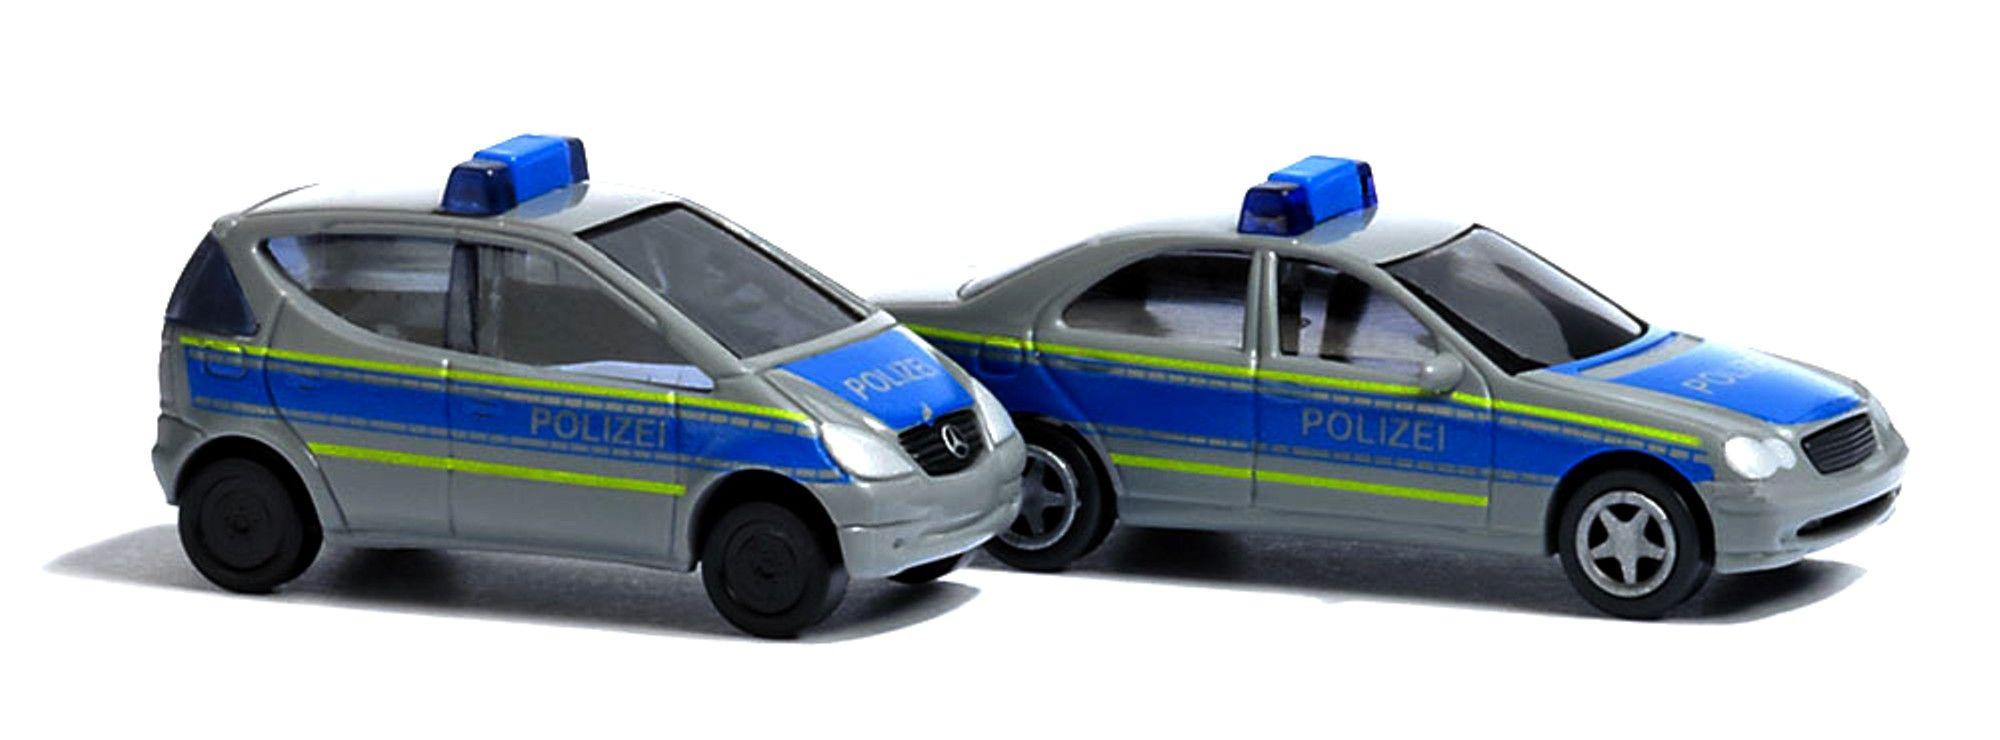 Busch 5623 Smart Fortwo Polizei weiß//blau m Blaulichtbalken Spur H0 Neu//OVP